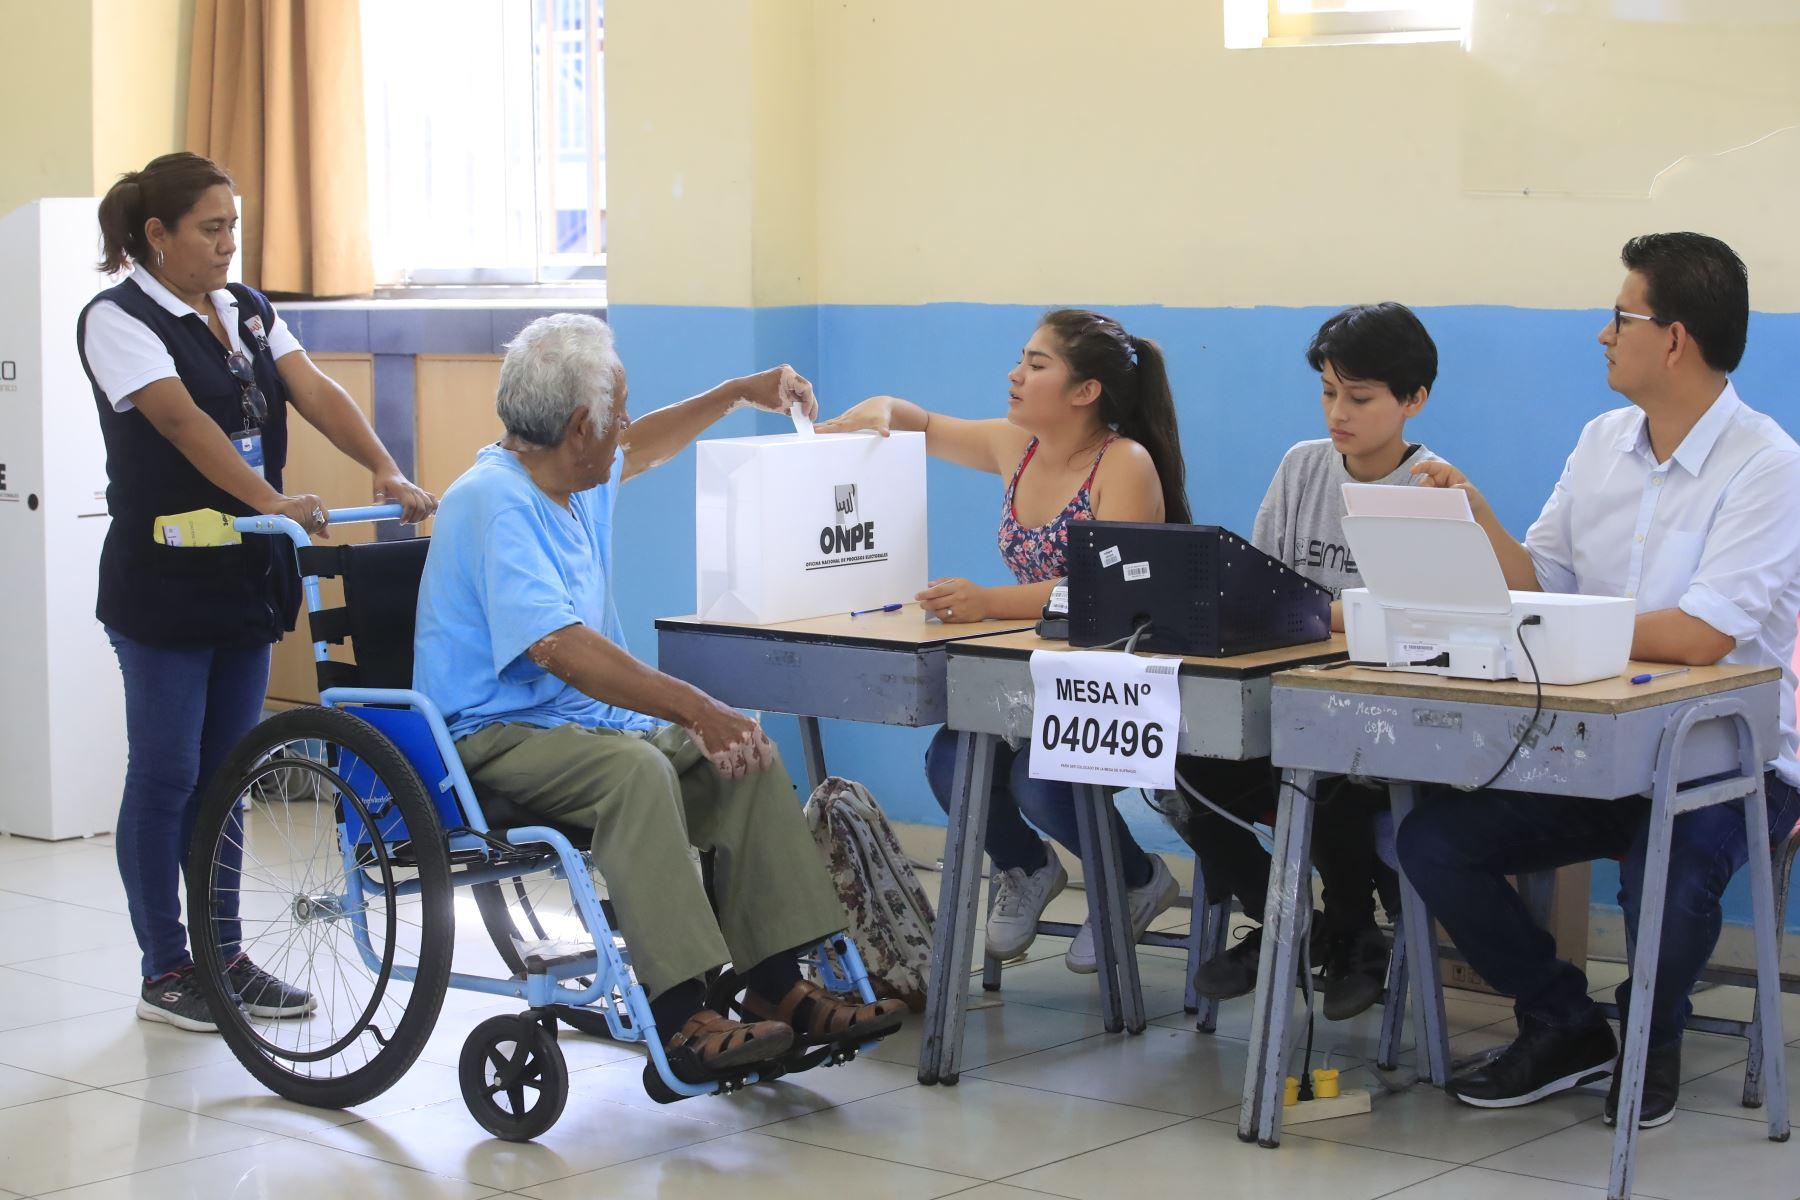 Personas con discapacidad emiten su voto en las instalaciones del colegio Melitón Carbajal por las Elecciones Congresales Extraordinarias 2020.Foto: ANDINA/Juan Carlos Guzmán